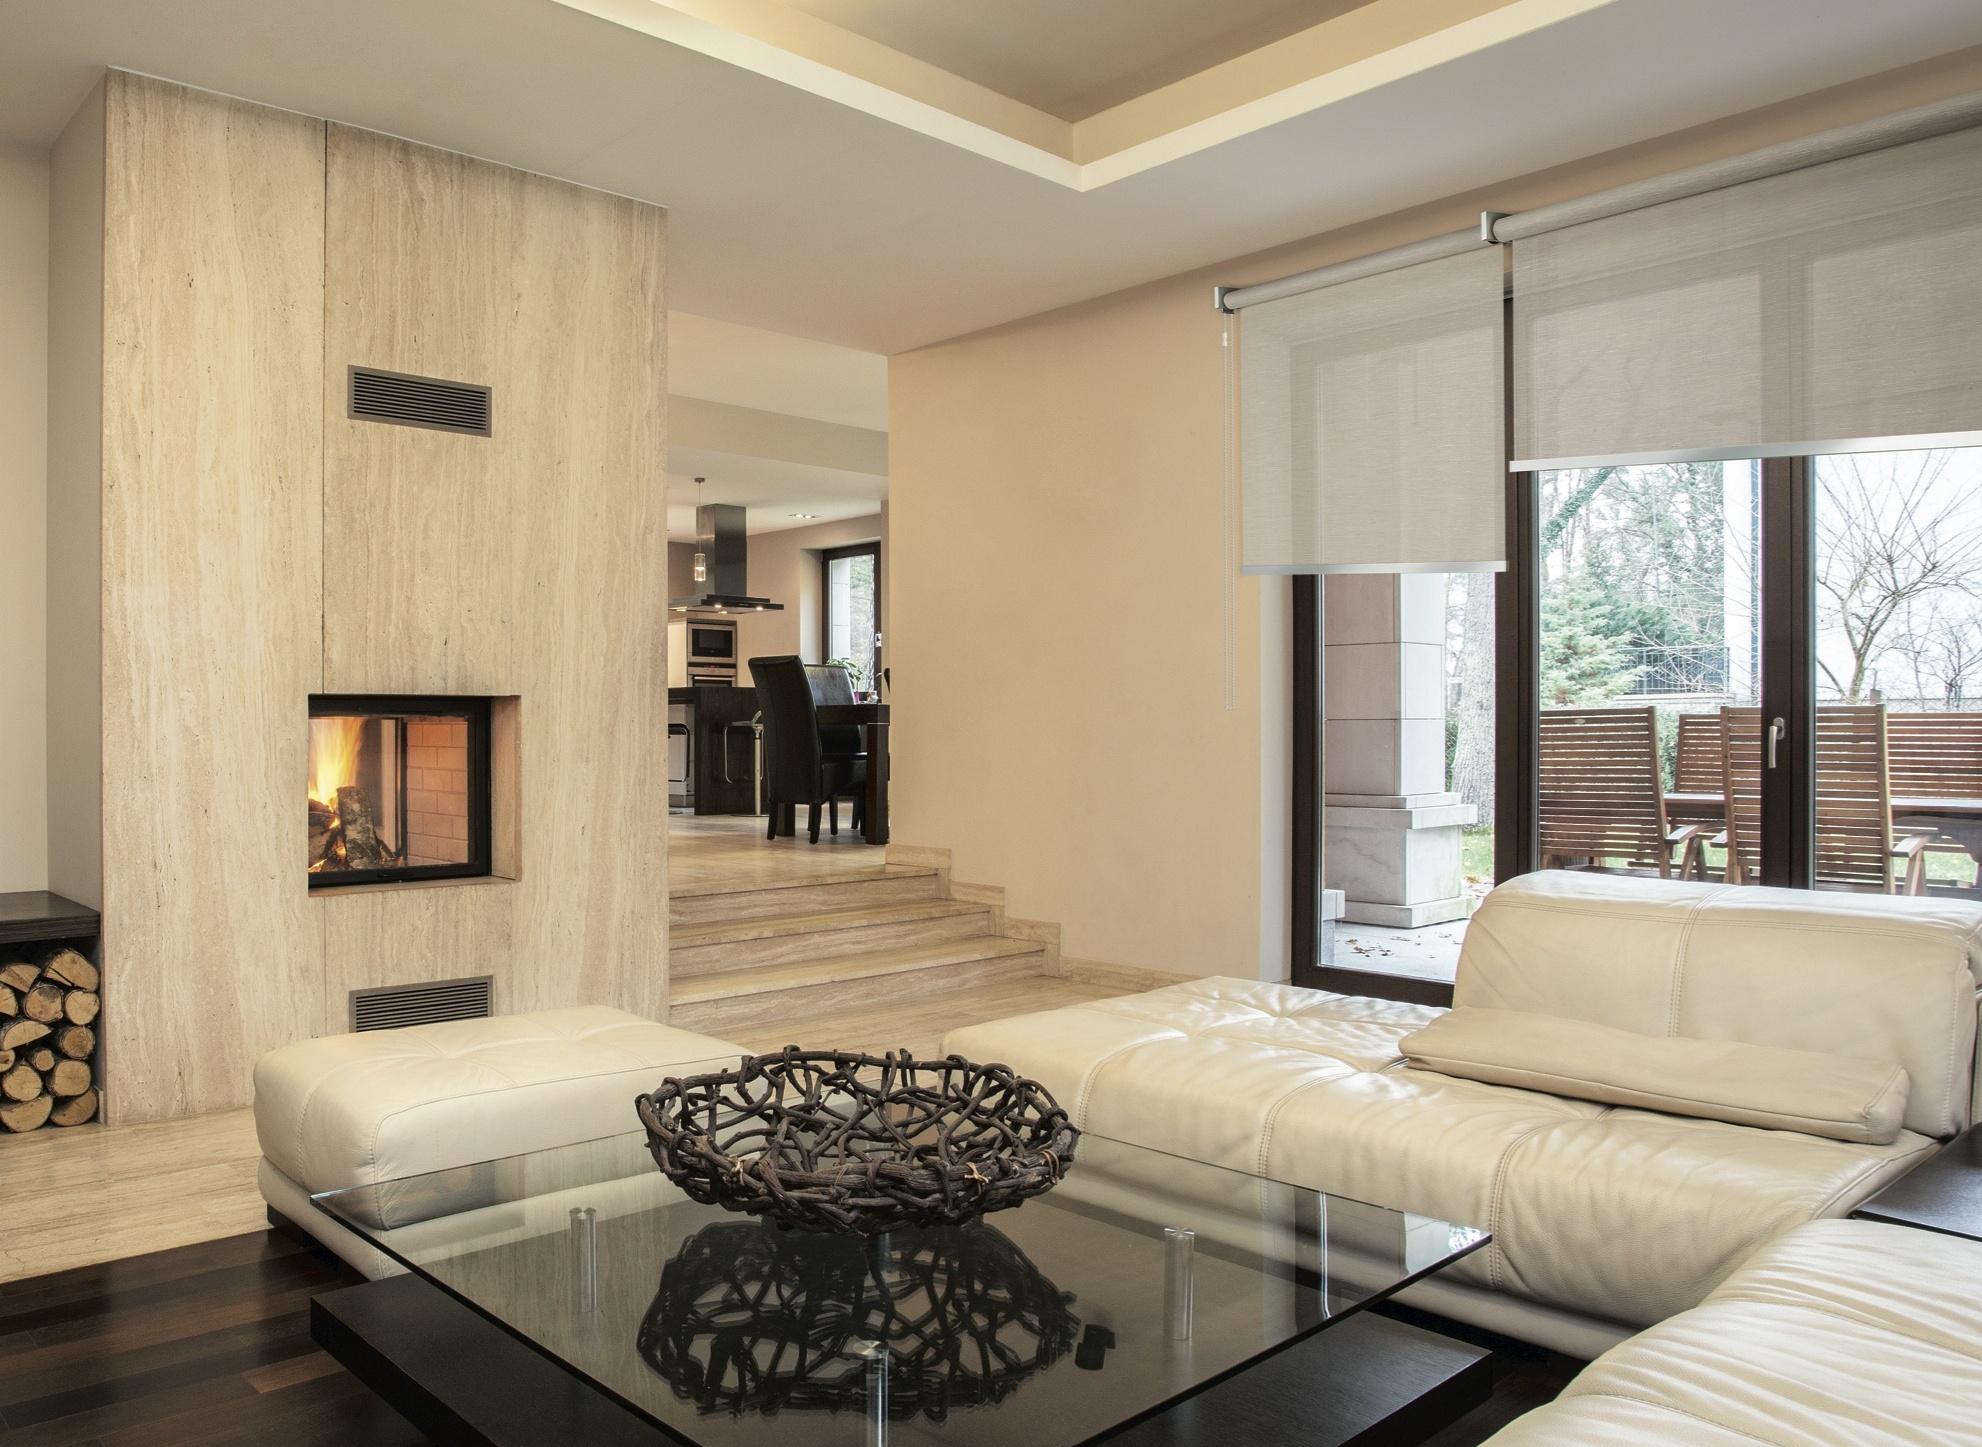 Divano letto bianco sfoderabile - Tende soggiorno classico ...